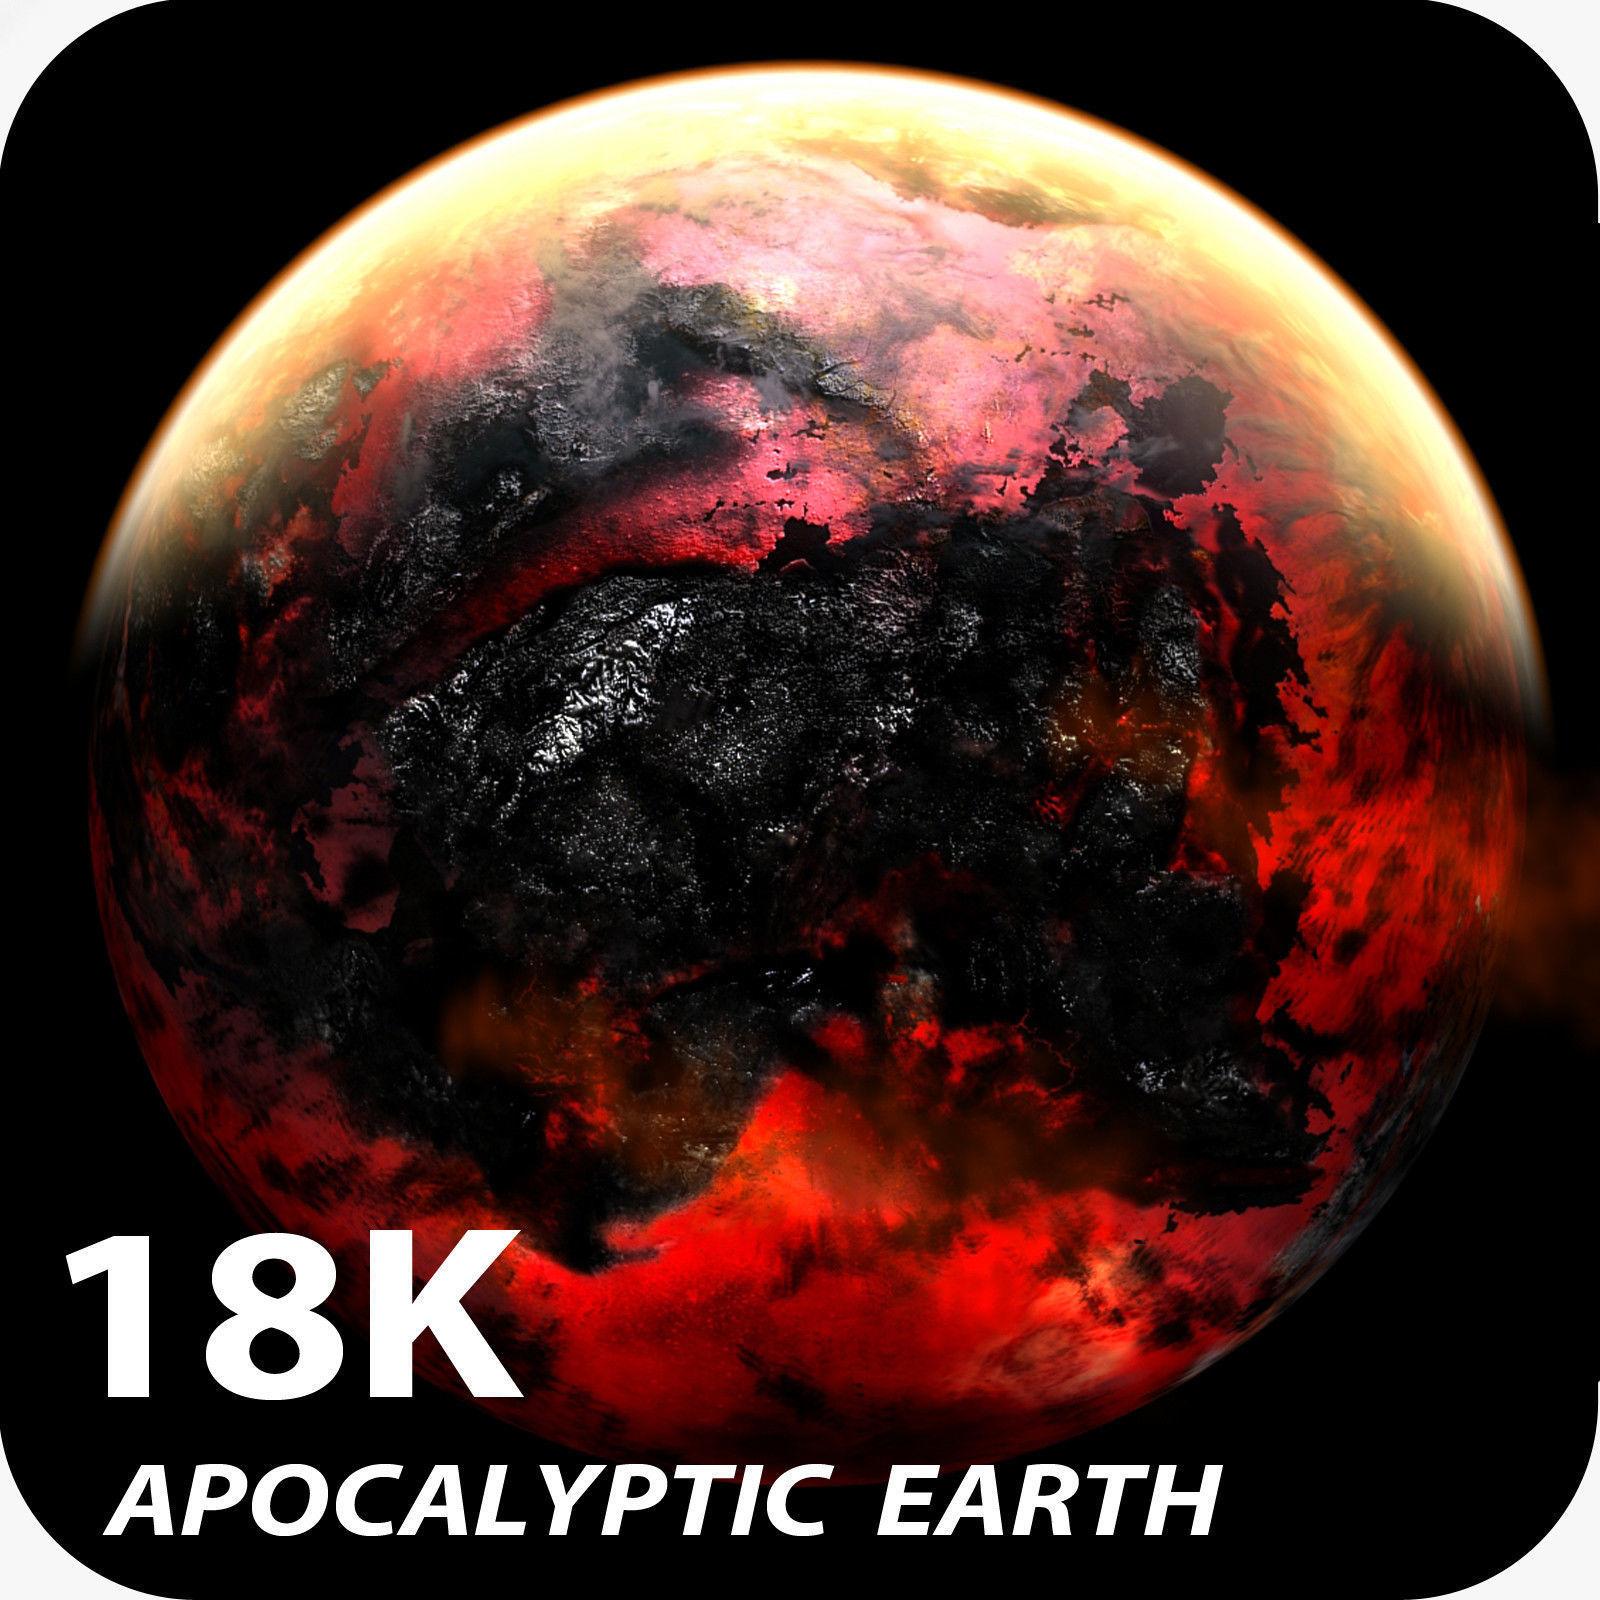 18K Apocalyptic Earth